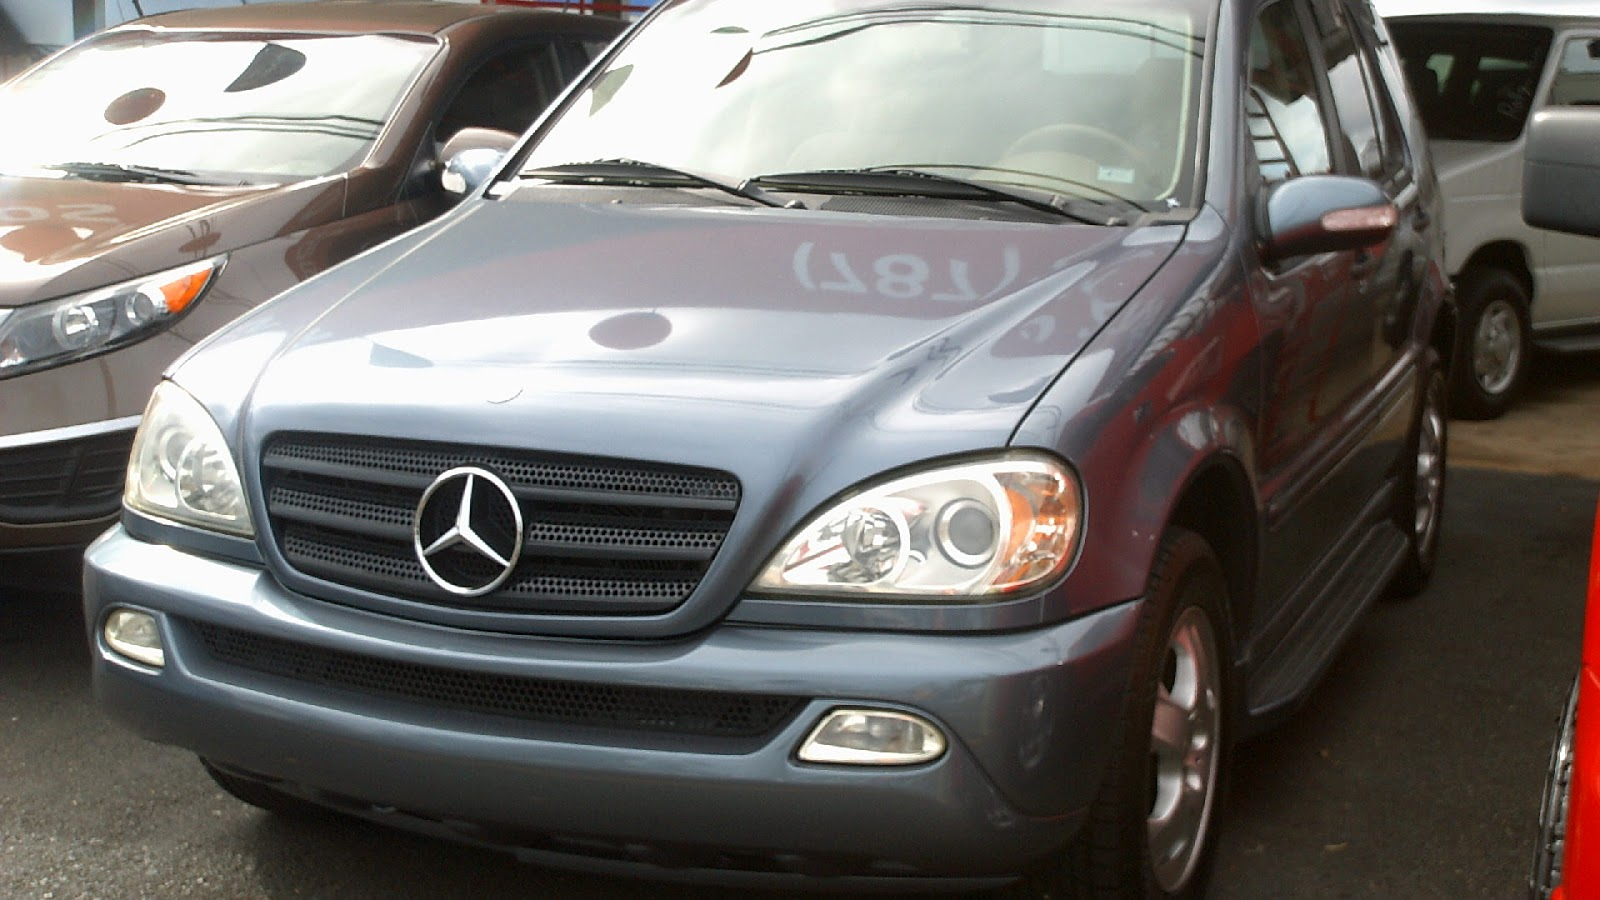 Frank torres autos sales mercedes benz ml350 2004 12 995 for Mercedes benz 0 apr